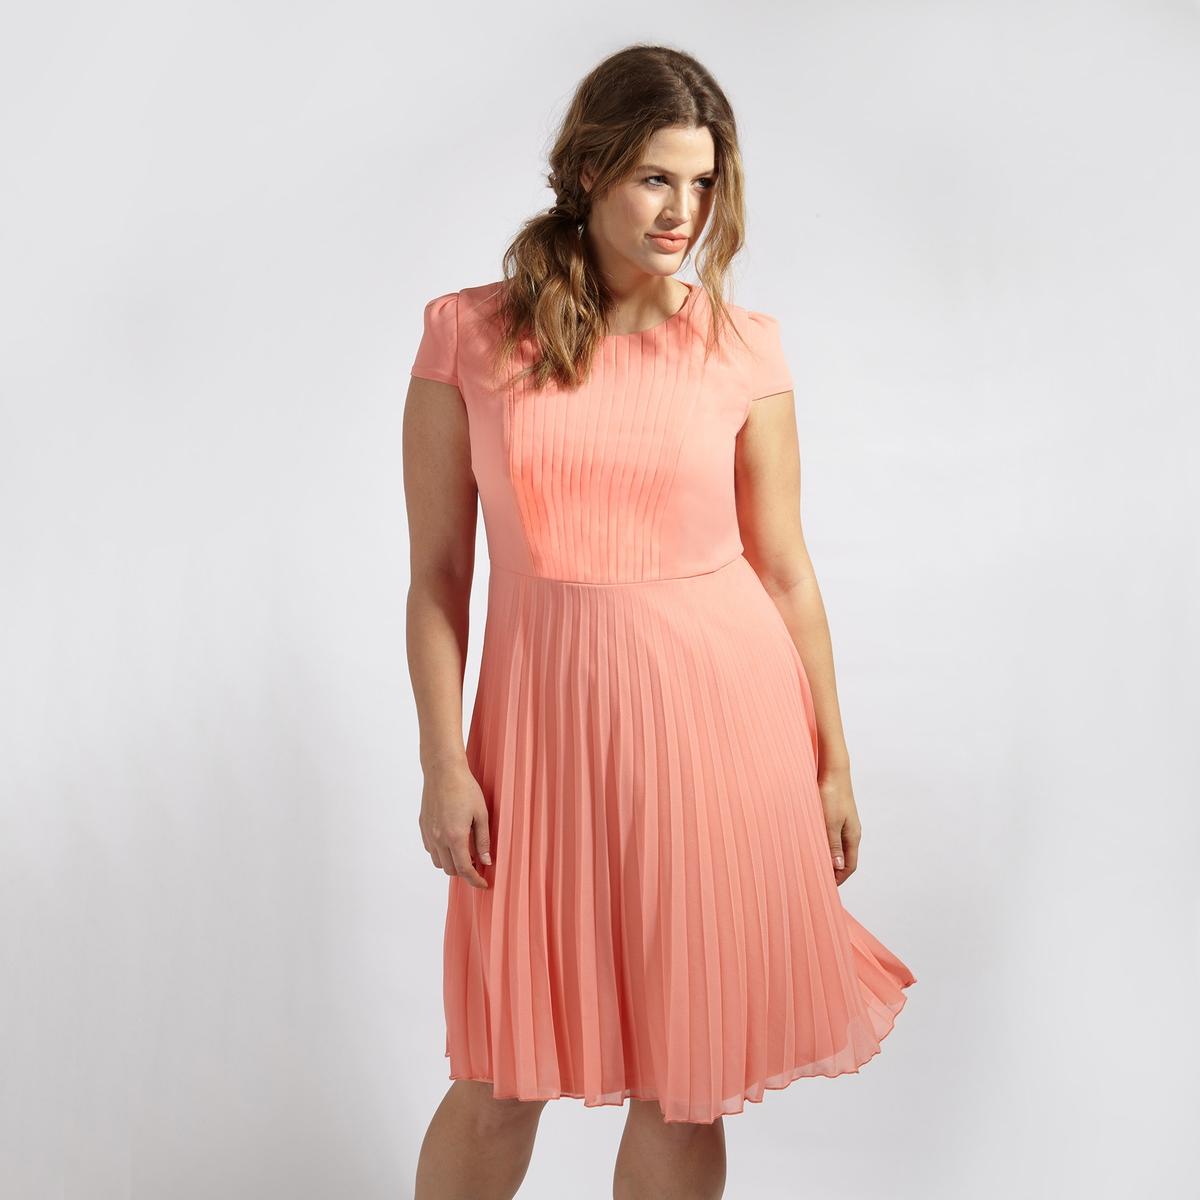 ПлатьеПлатье с короткими рукавами LOVEDROBE. Юбка с эффектом плиссе. Застежка на молнию сзади. Круглый вырез. 100% полиэстер<br><br>Цвет: коралловый<br>Размер: 44 (FR) - 50 (RUS)